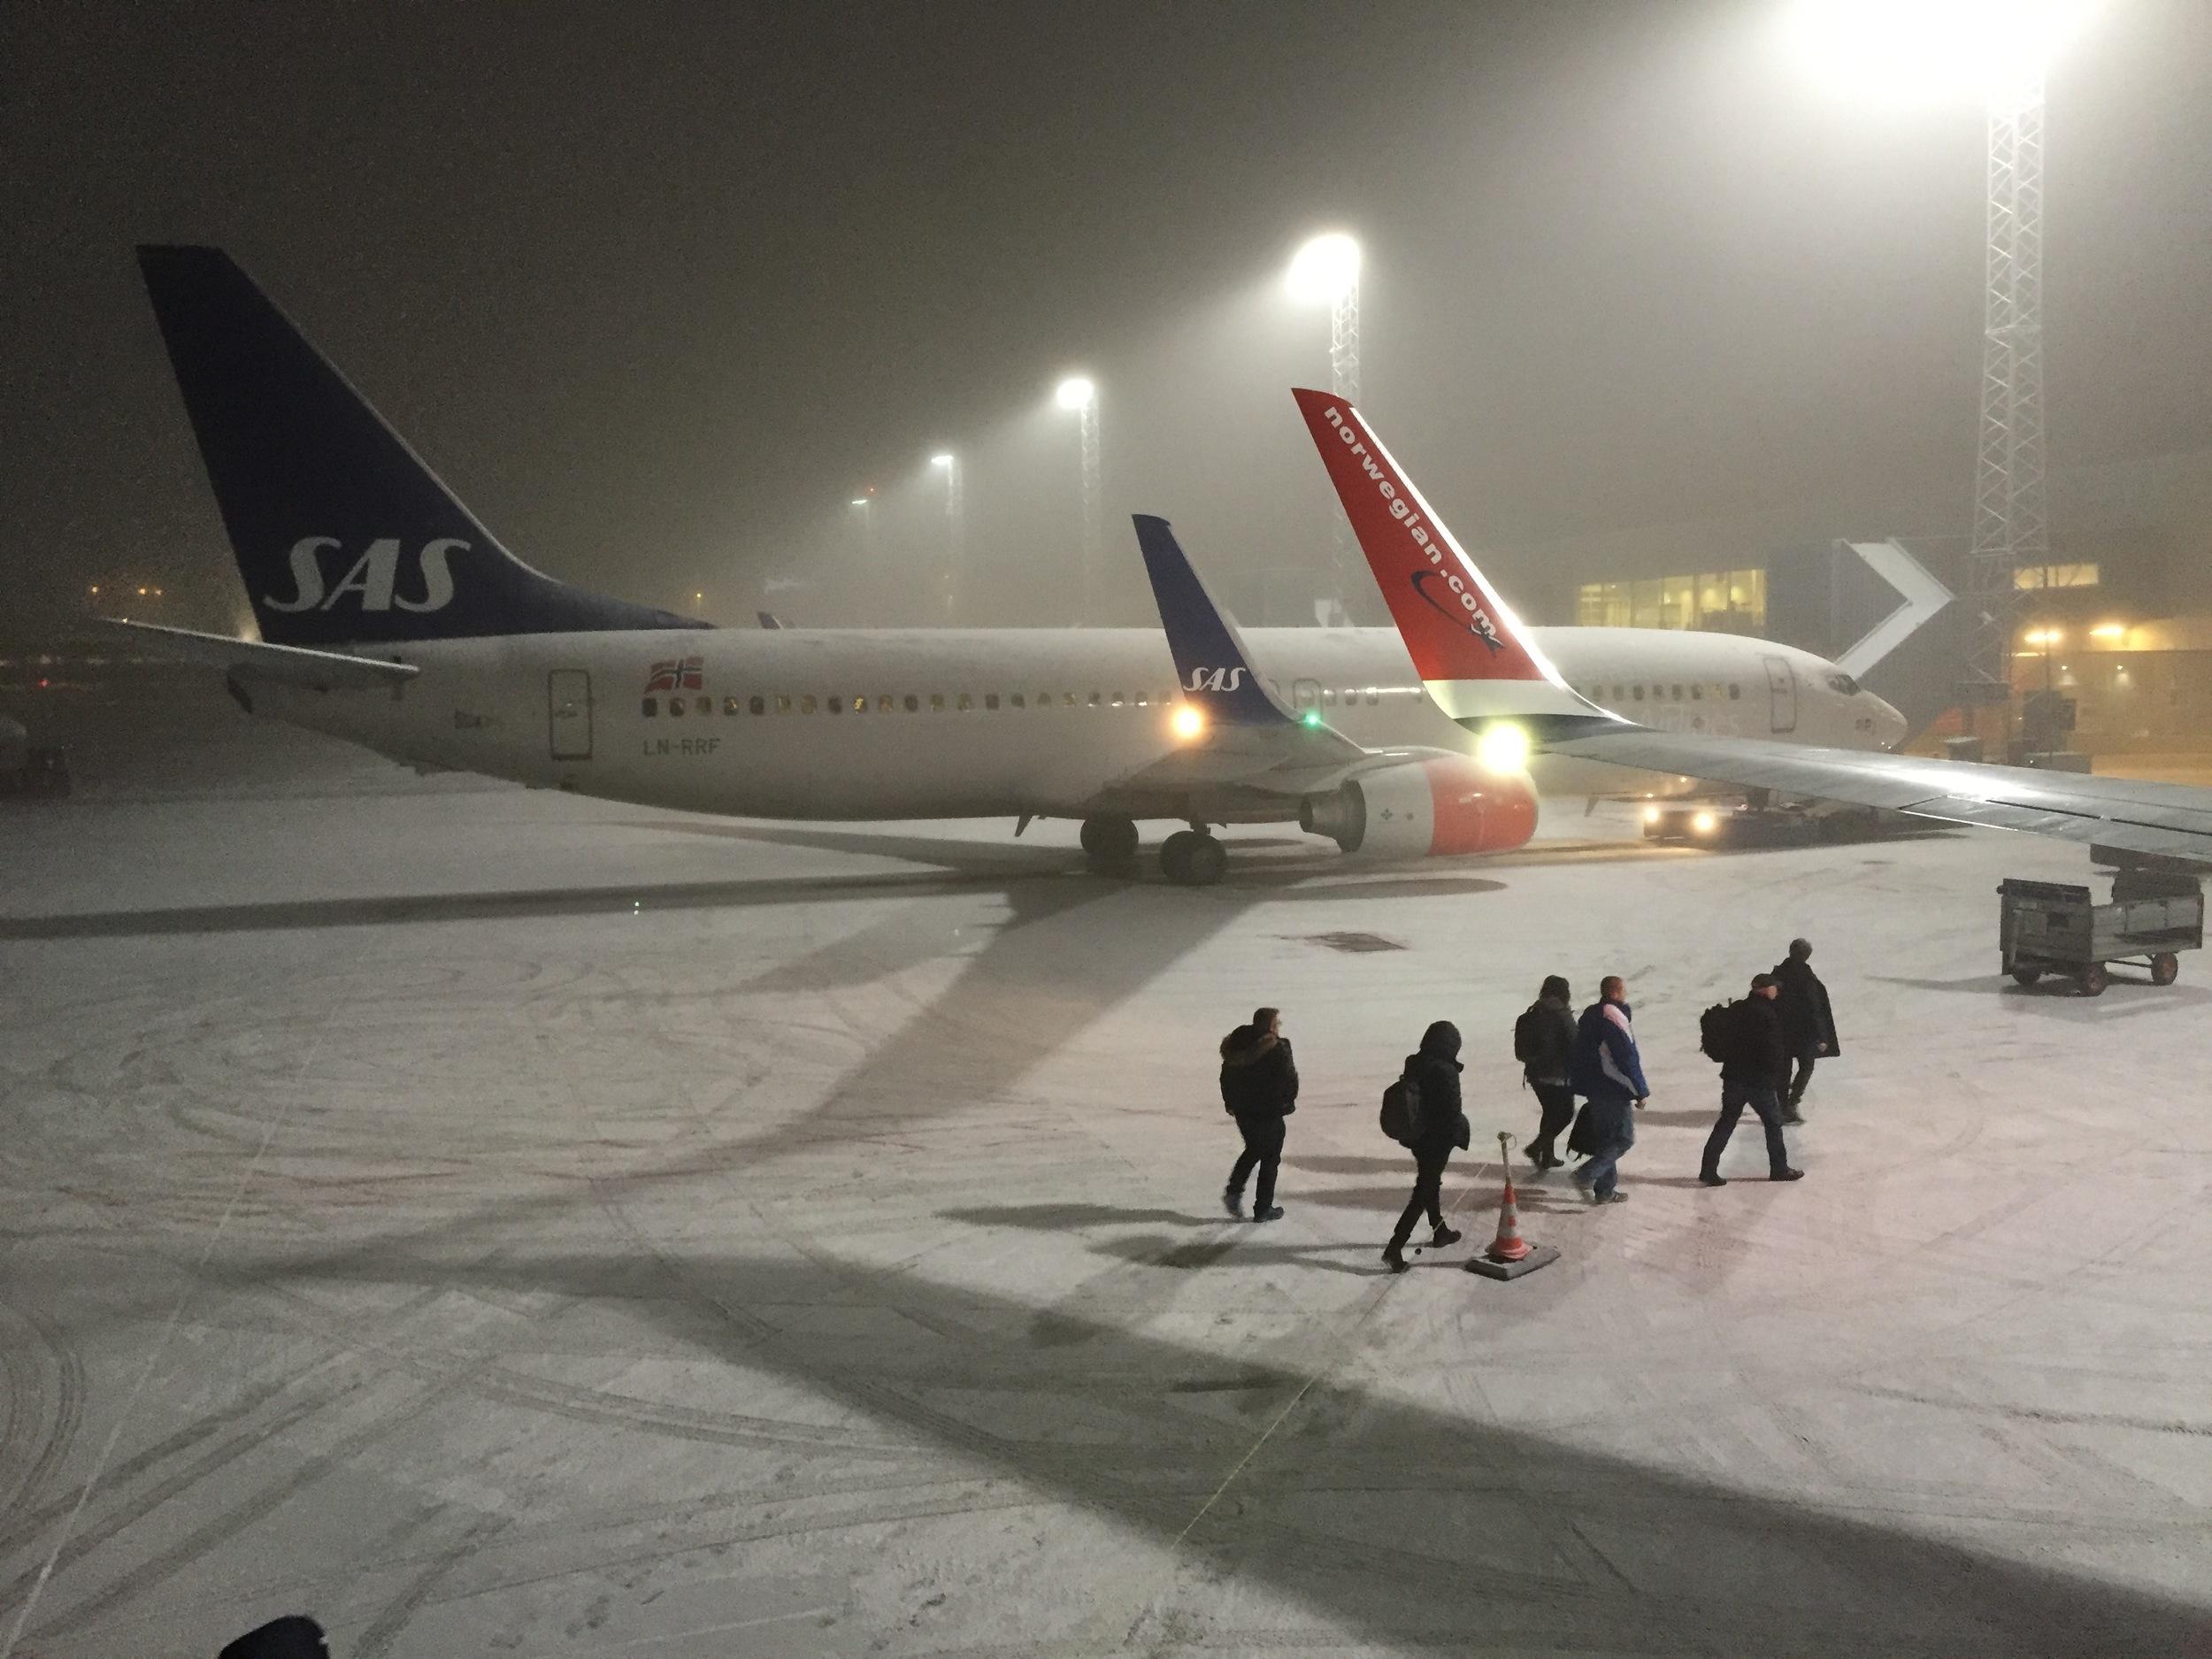 Dersom det er tåke, hvem har da ansvaret dersom flyet blir forsinket? Foto: Odd Roar Lange